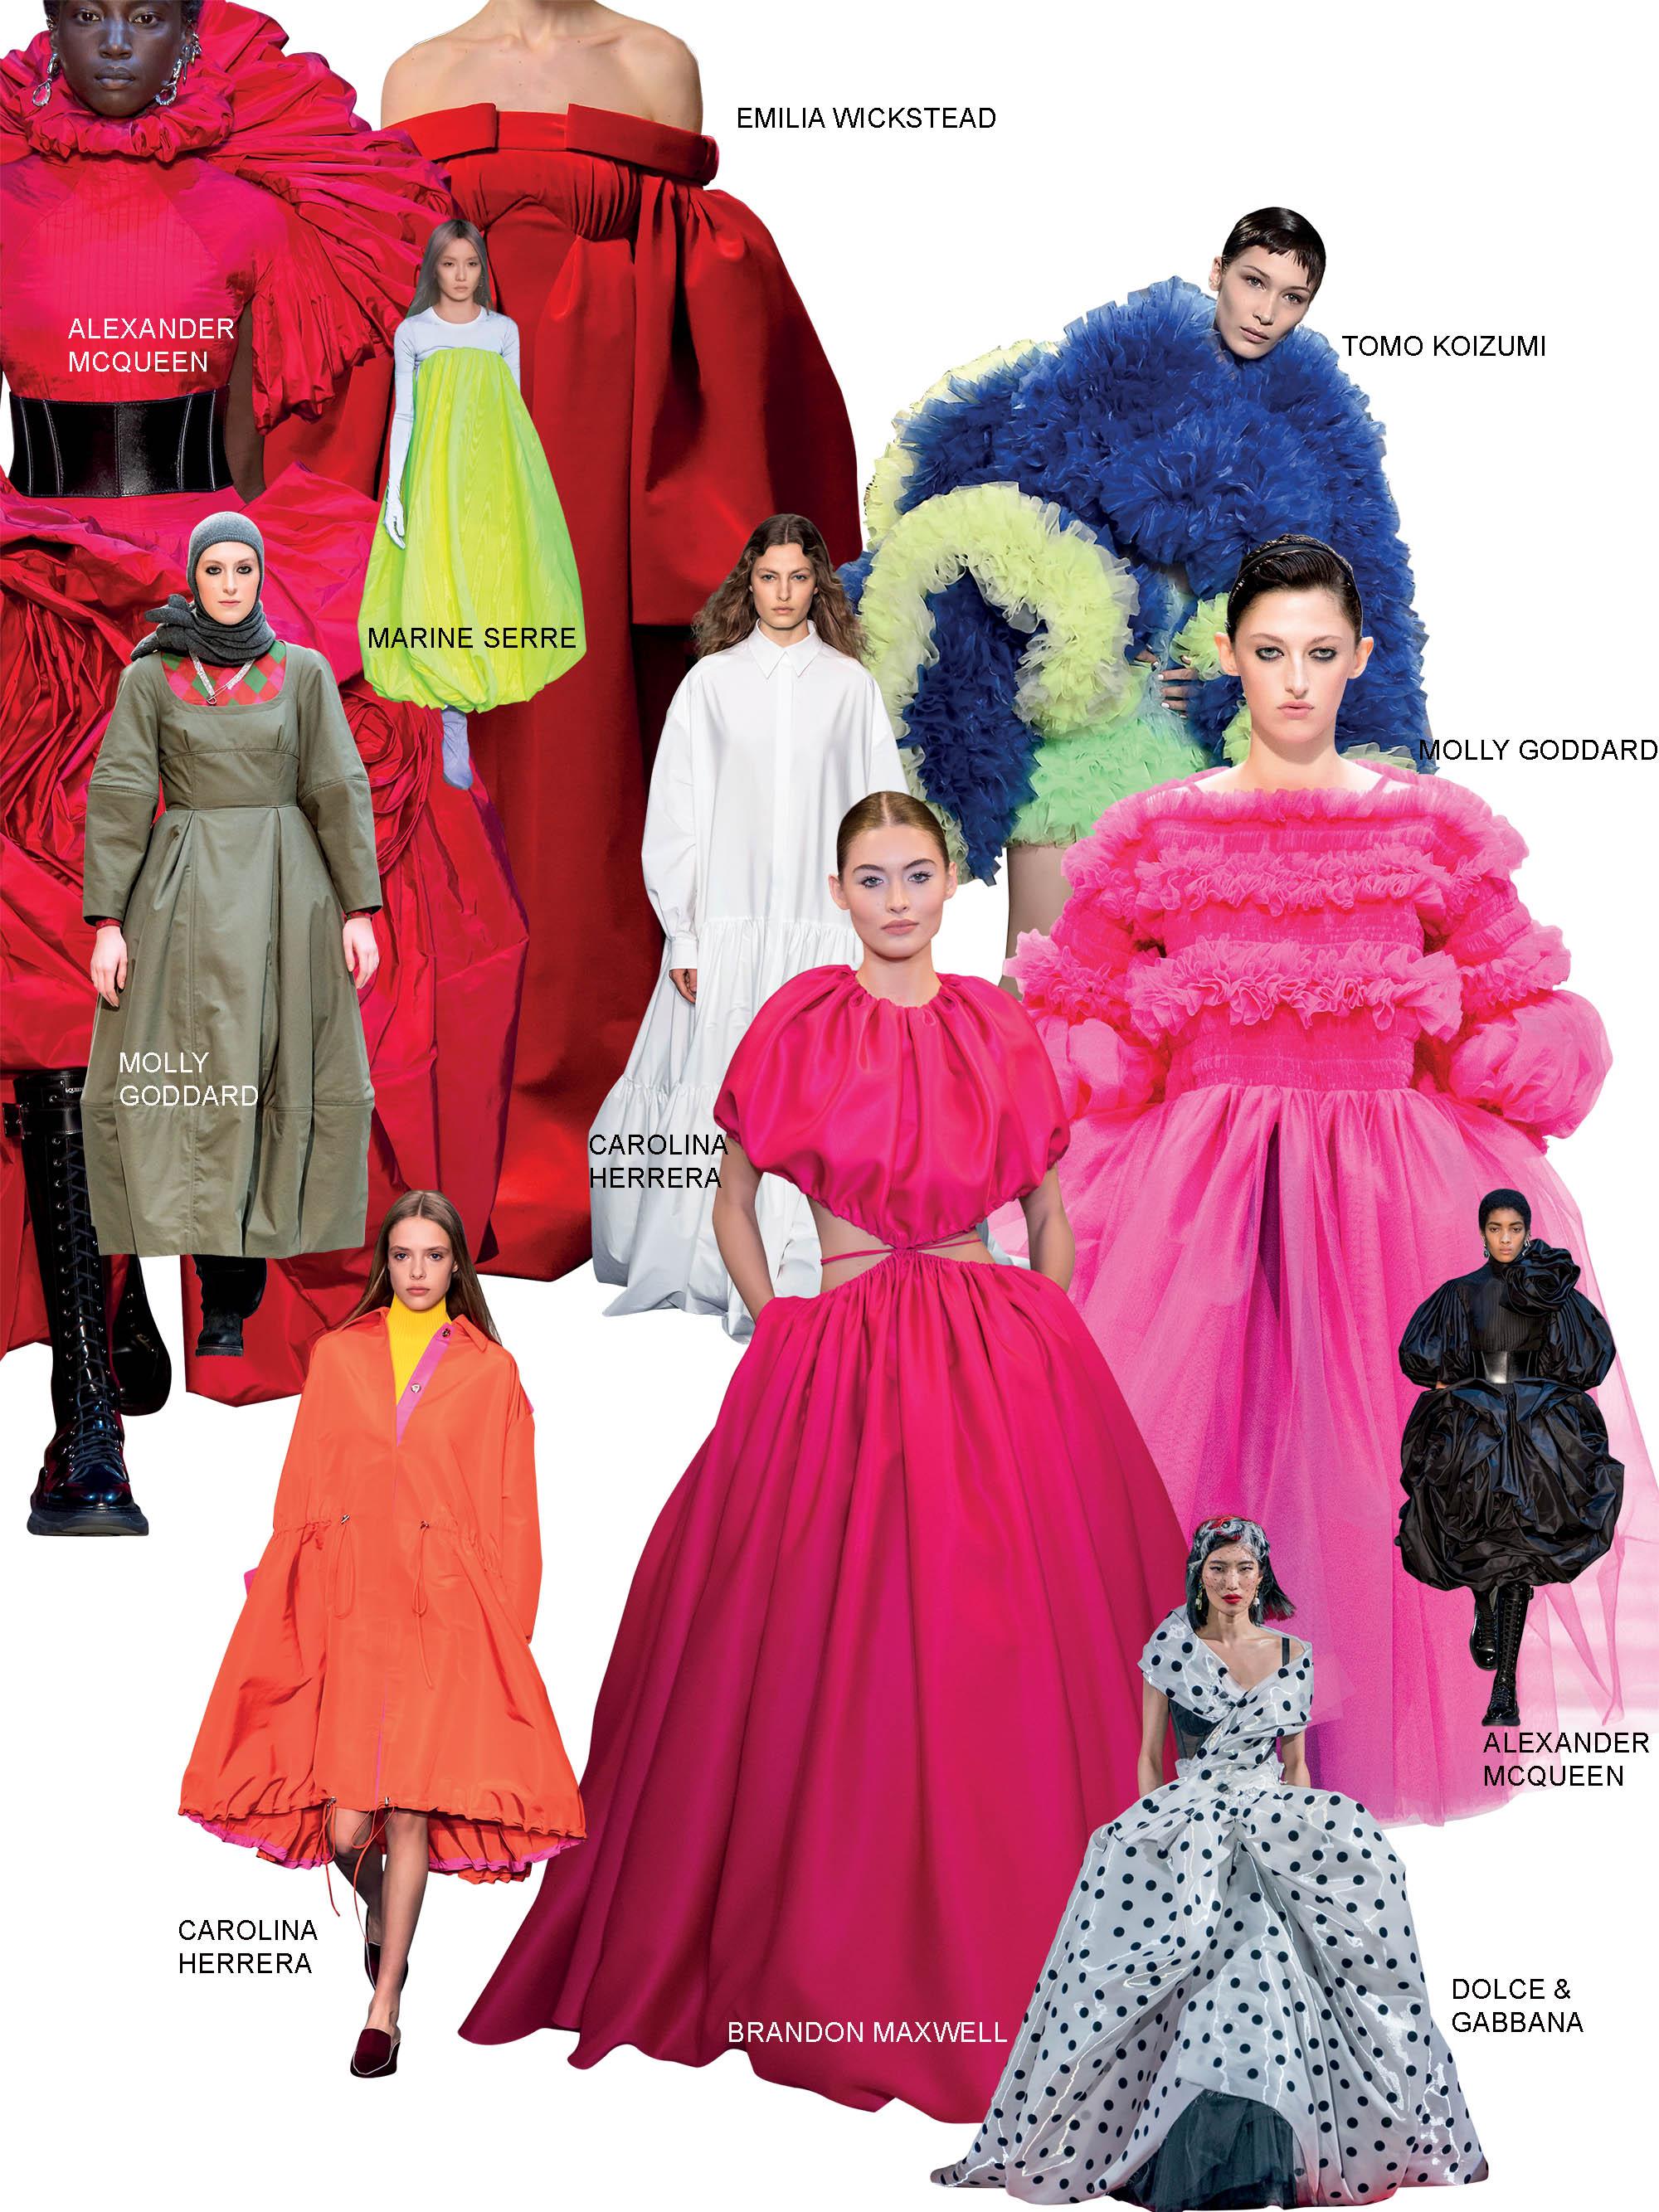 xu hướng thời trang nổi bật mùa thu đông 2019 5